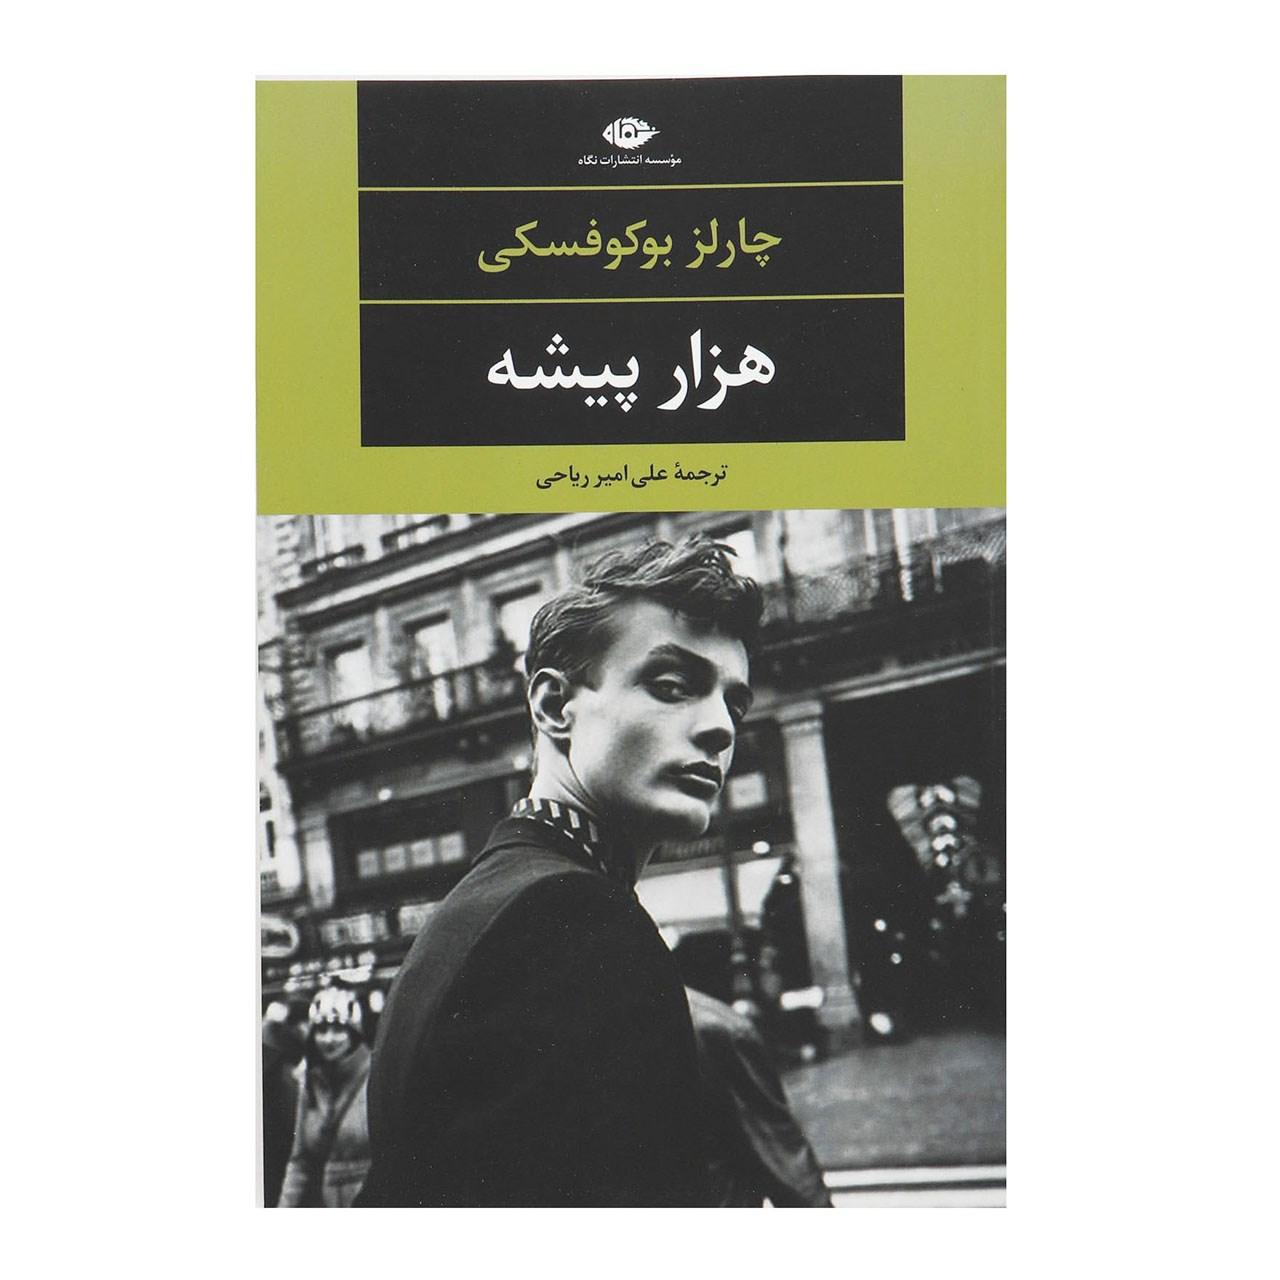 خرید                      کتاب هزار پیشه  اثر چارلز بوکوفسکی